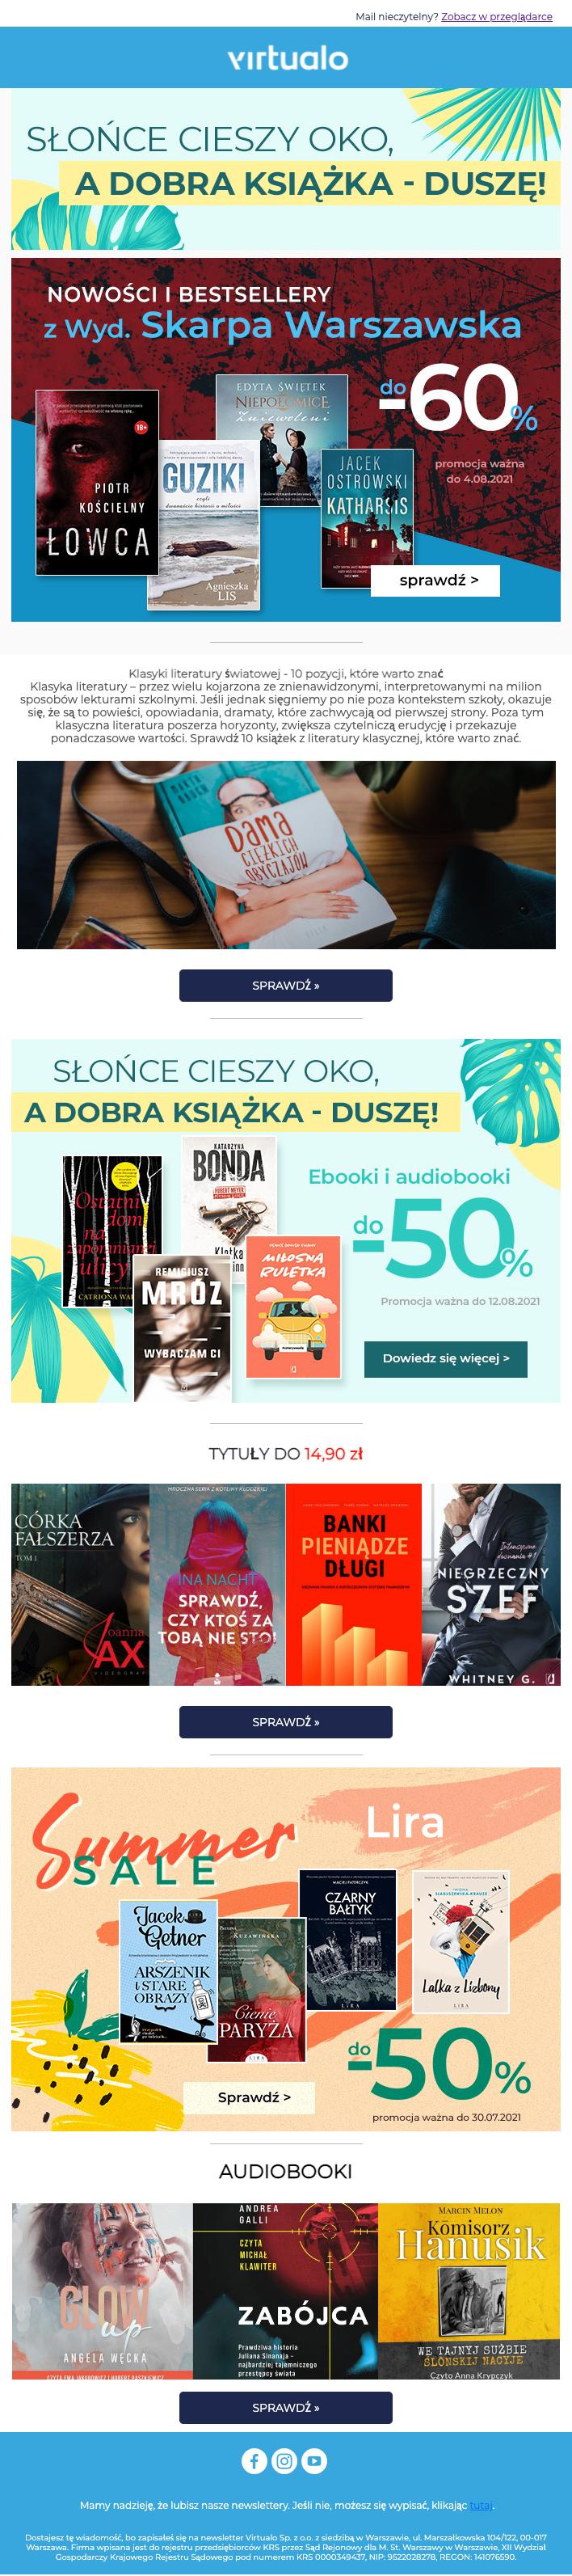 newsletter przykład księgarnia